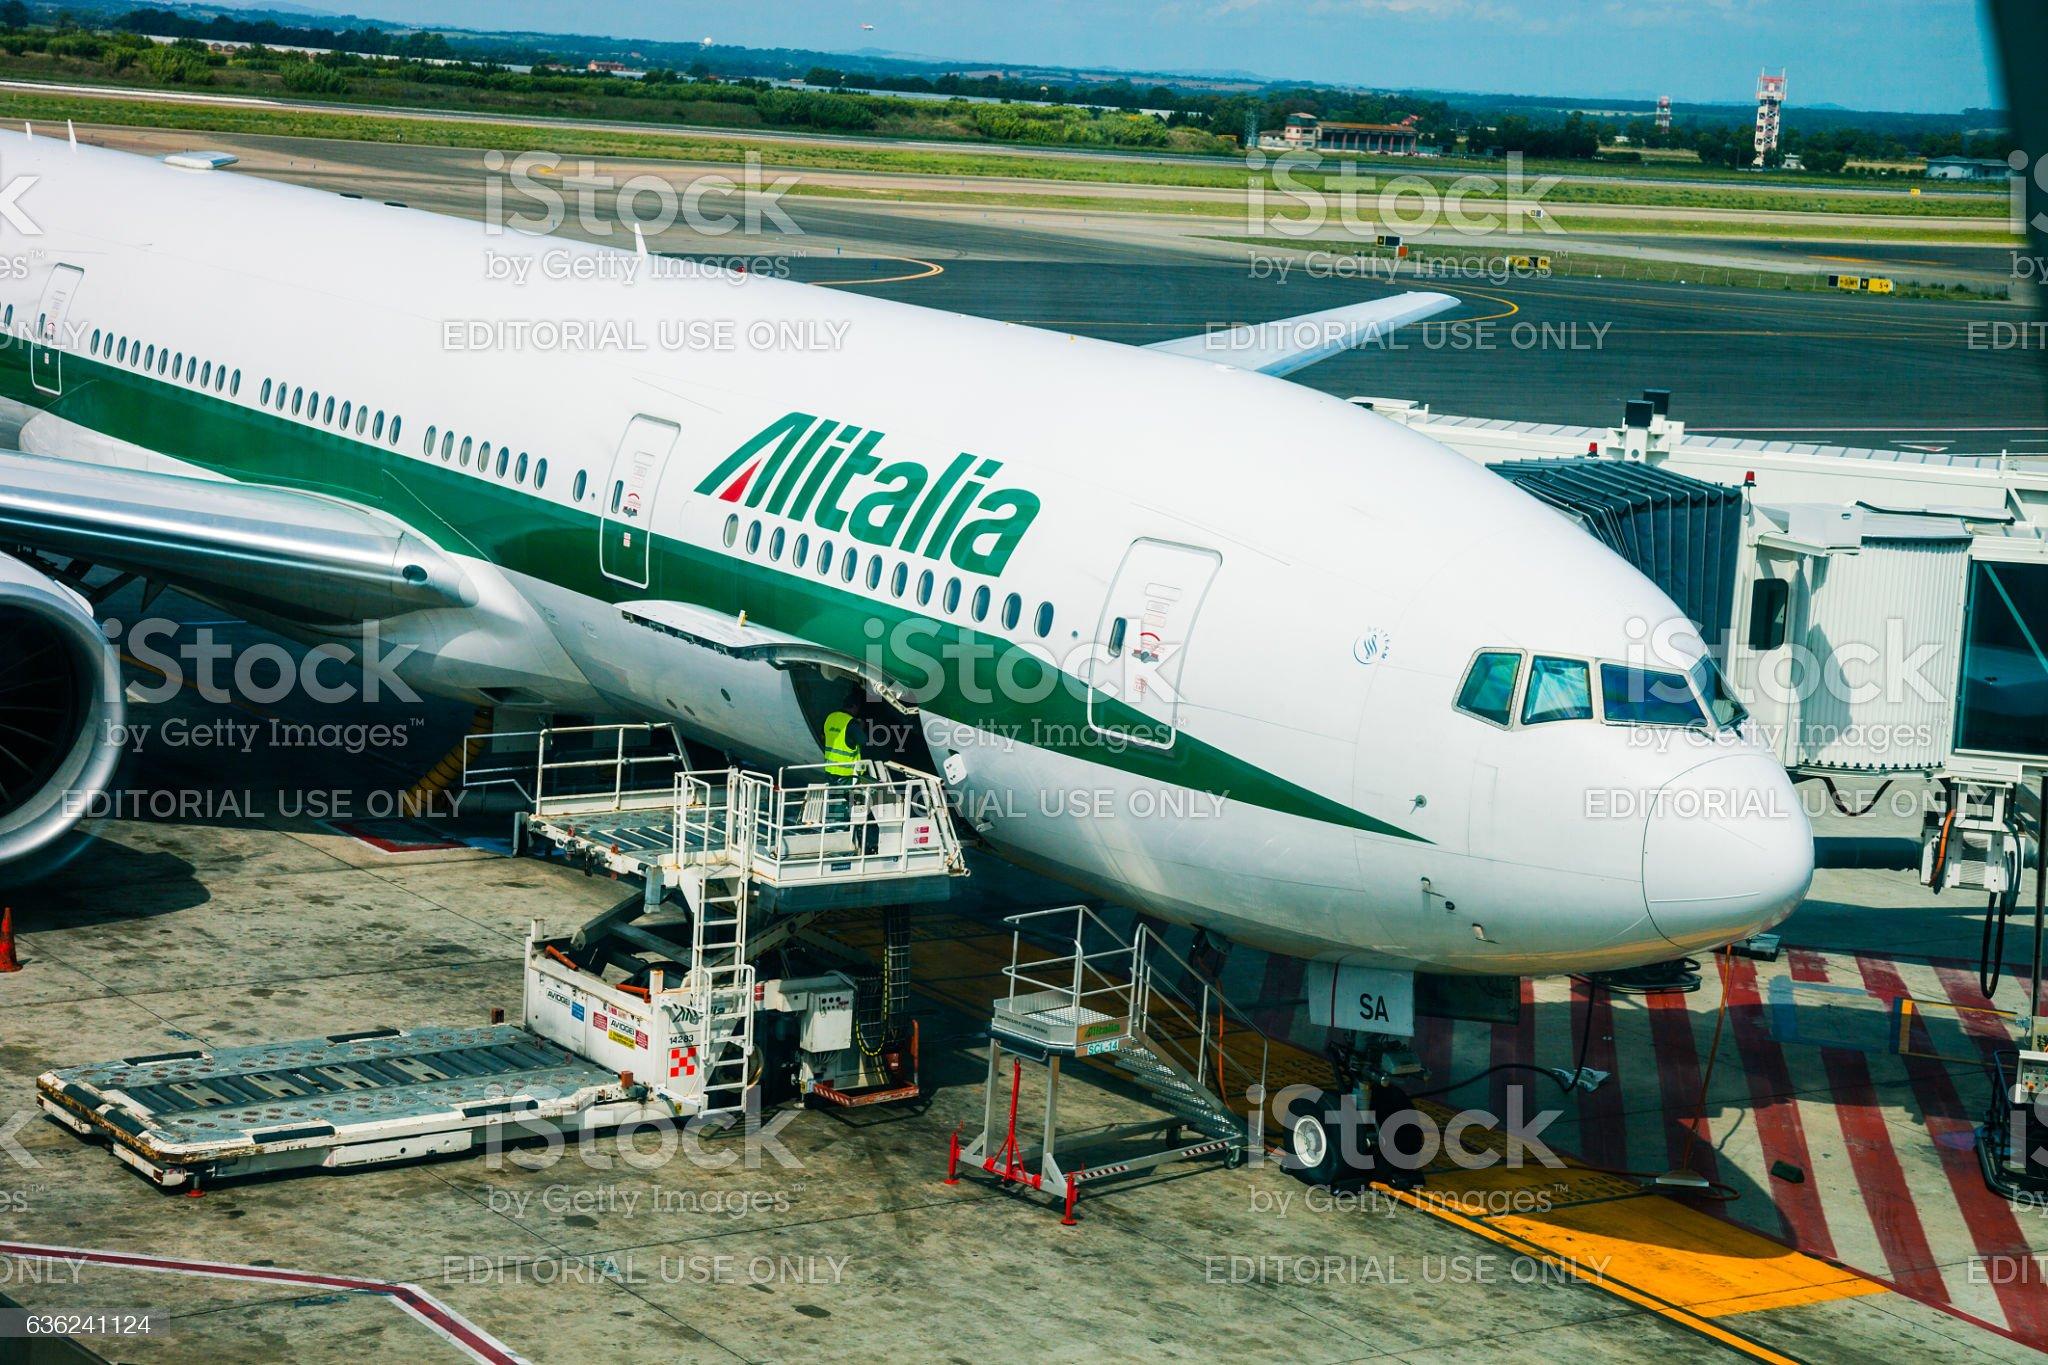 Avião antes da partida. - Foto de stock de Alitalia royalty-free